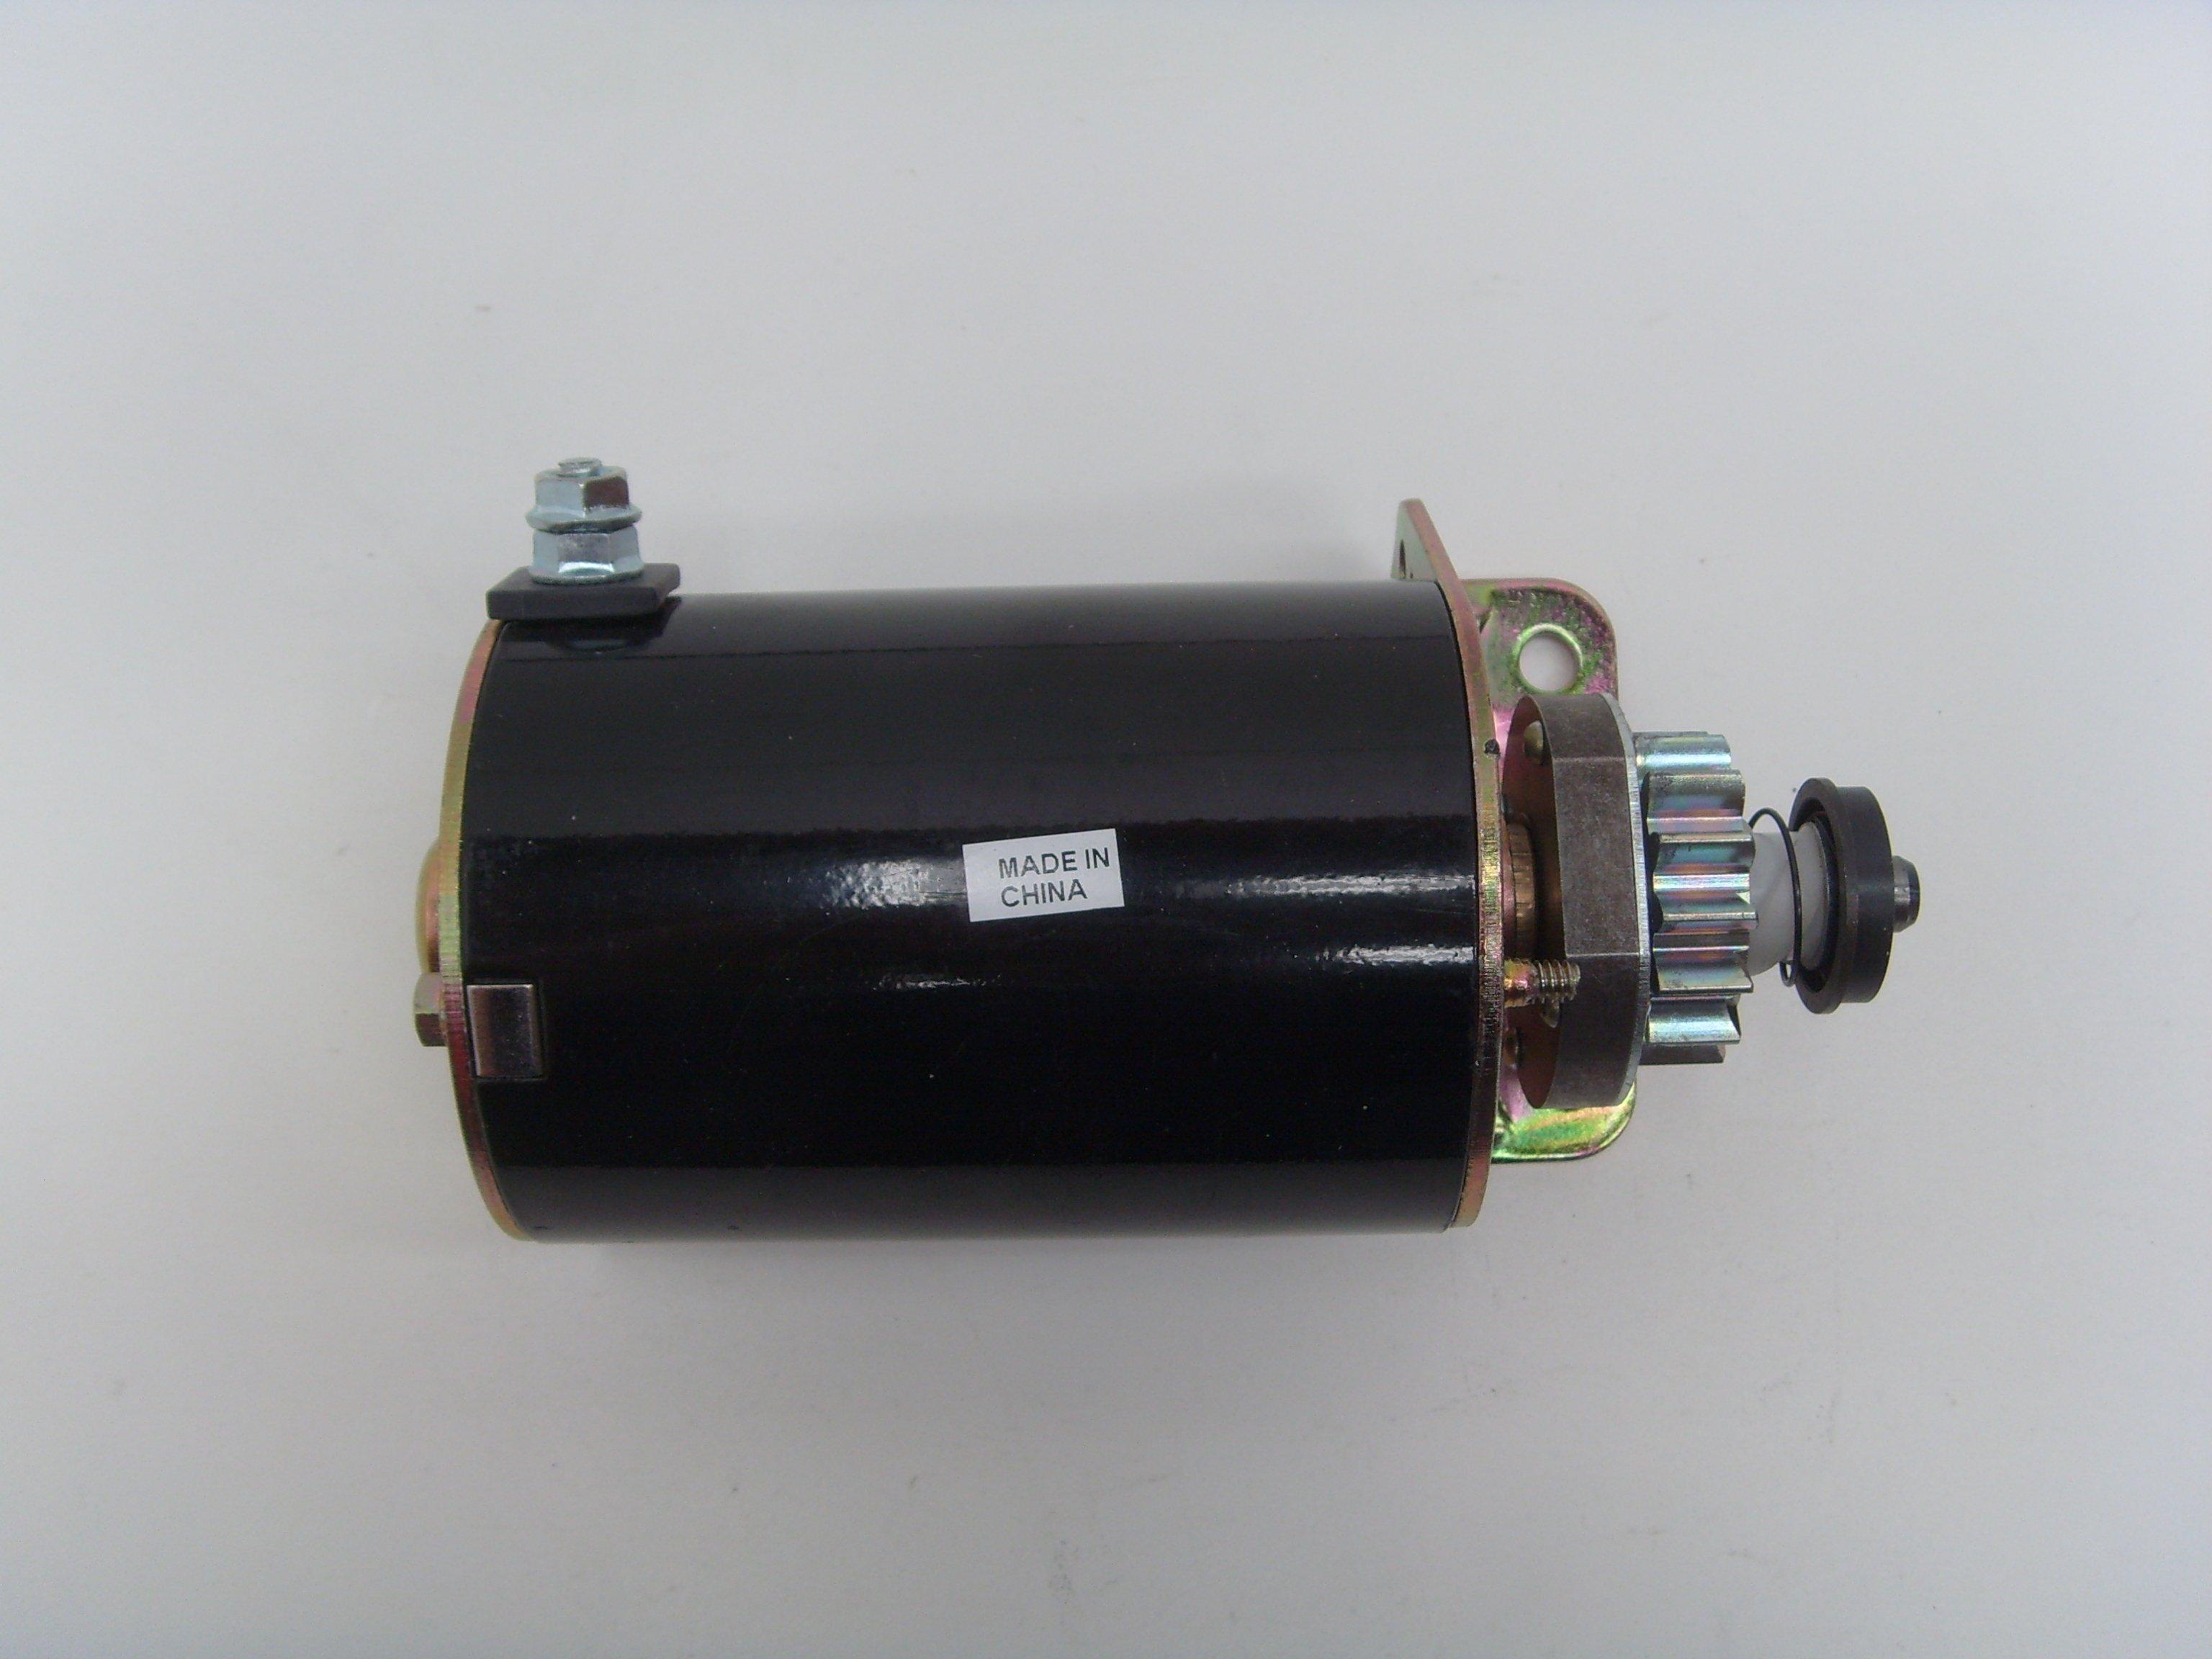 Schema Elettrico Trattorino Tagliaerba : Motorino avviamento elettrico trattorino rasaerba